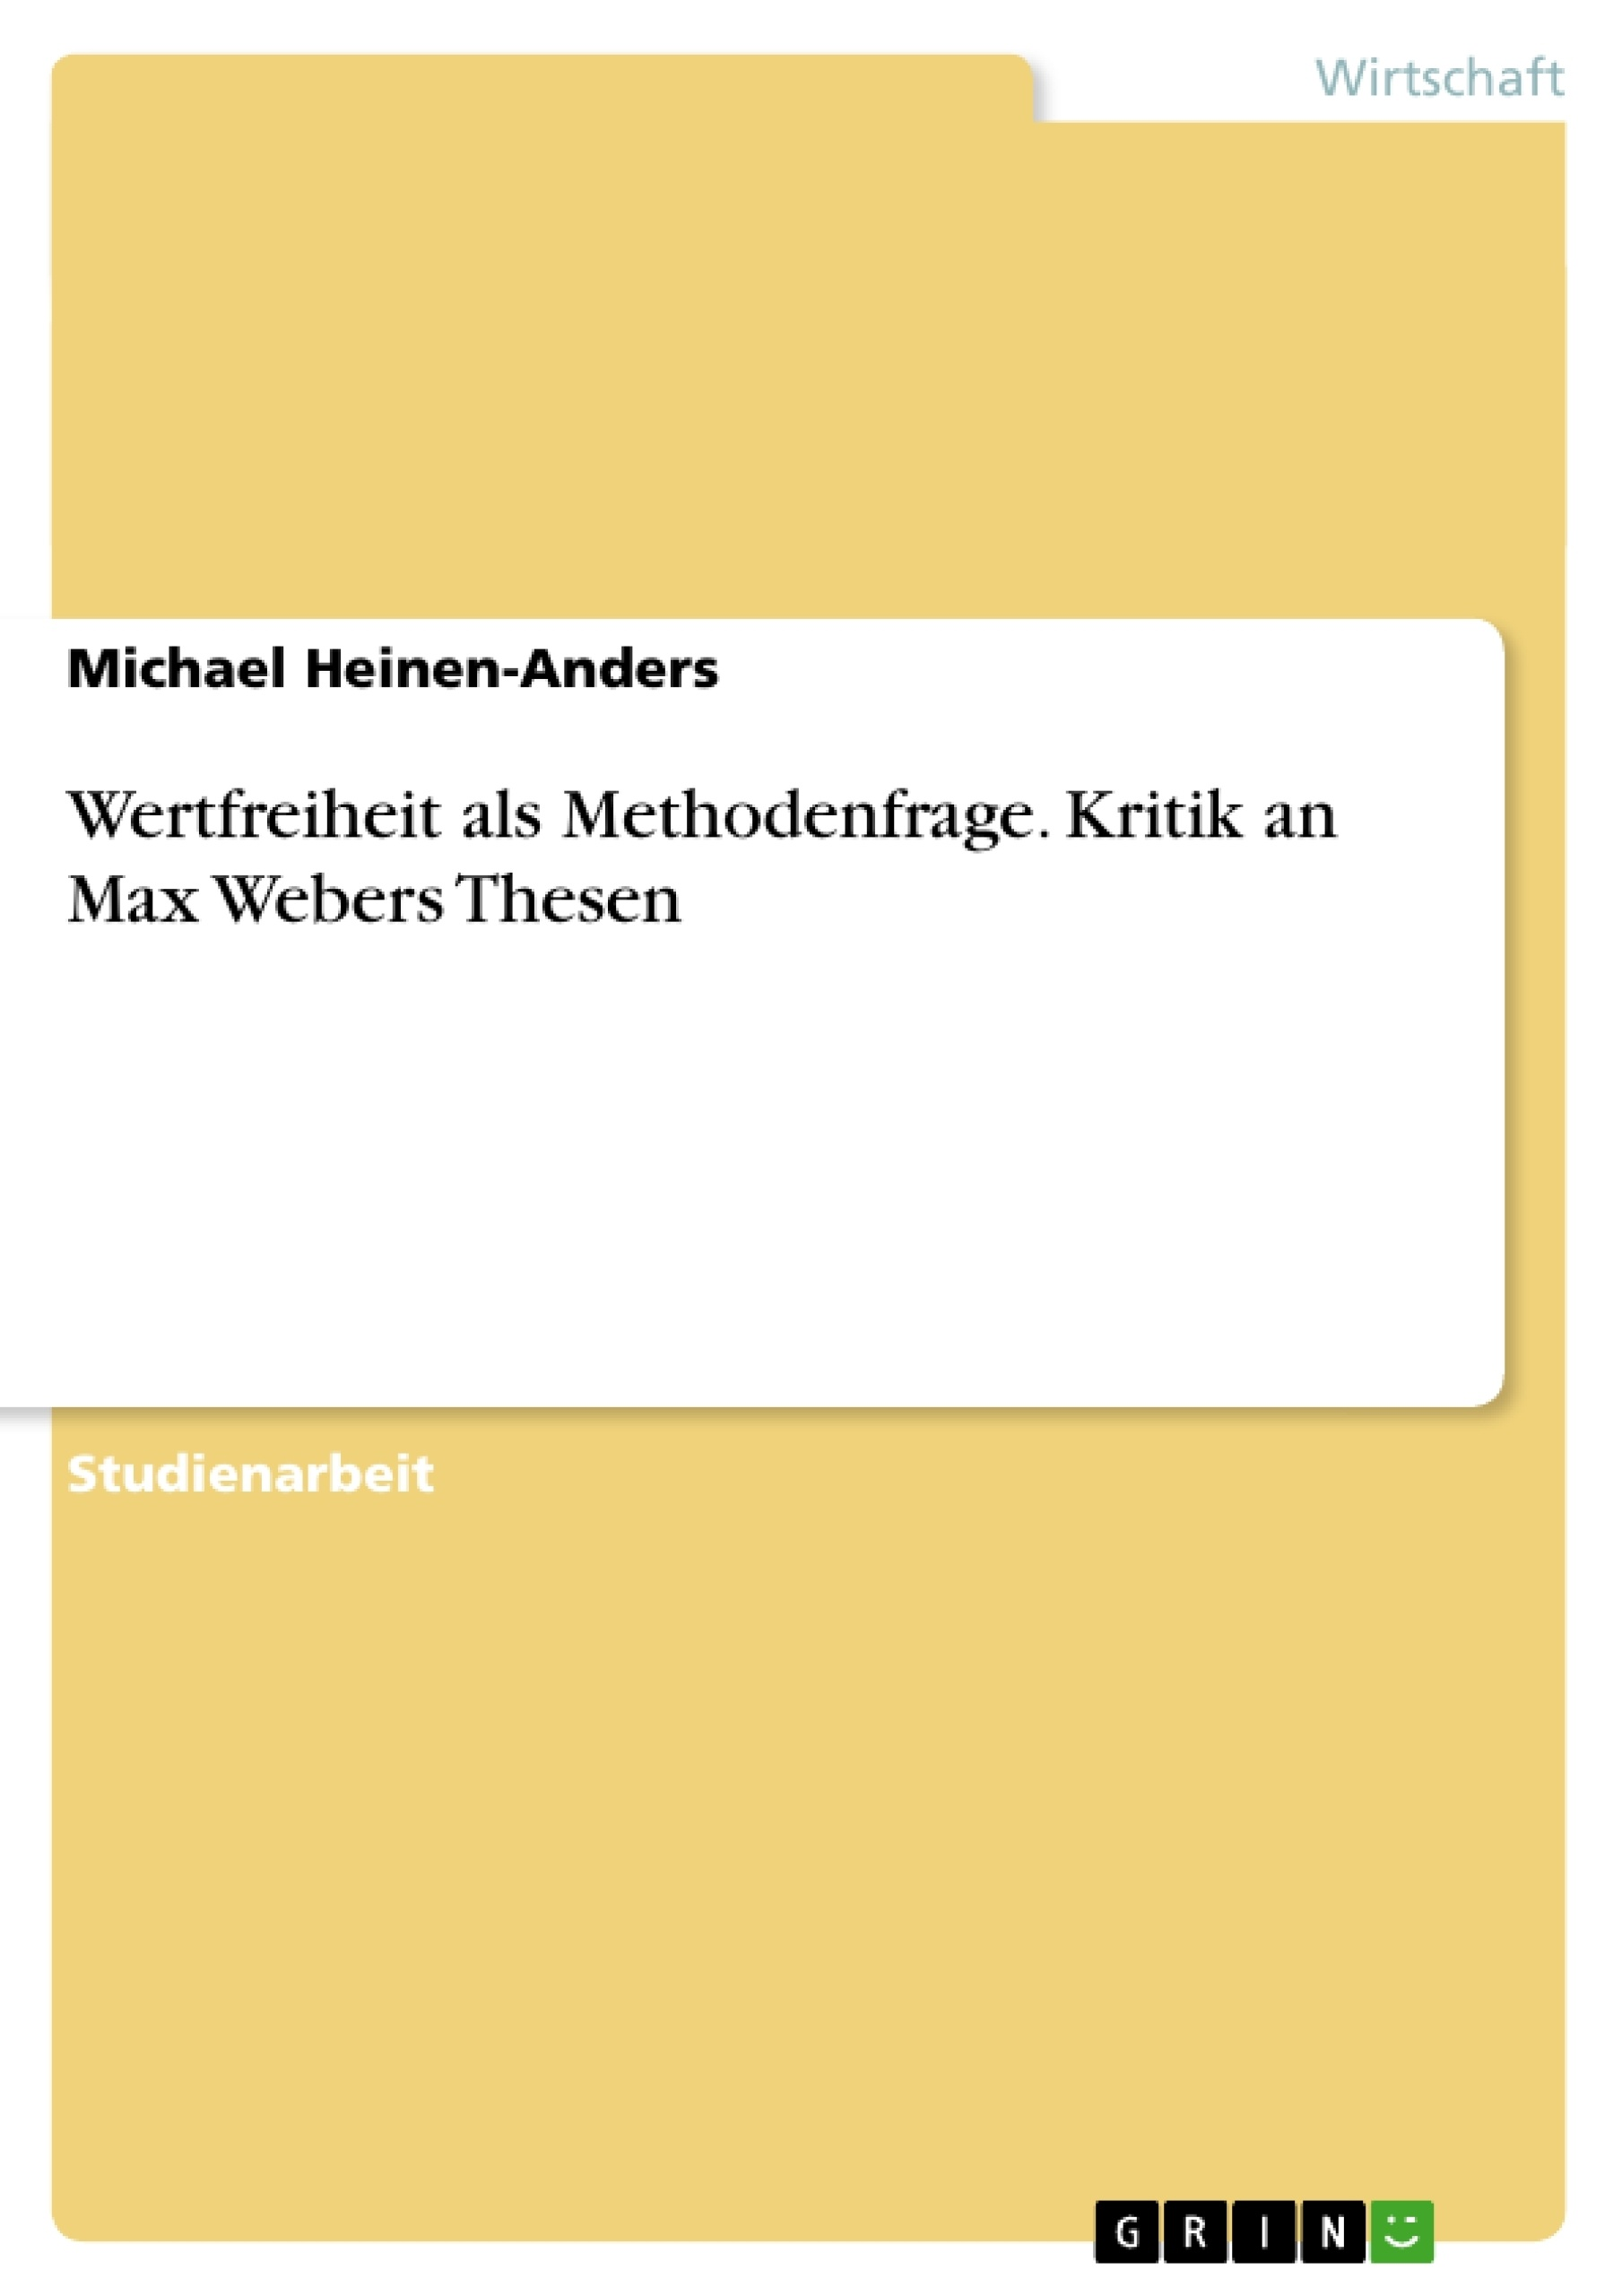 Titel: Wertfreiheit als Methodenfrage. Kritik an Max Webers Thesen